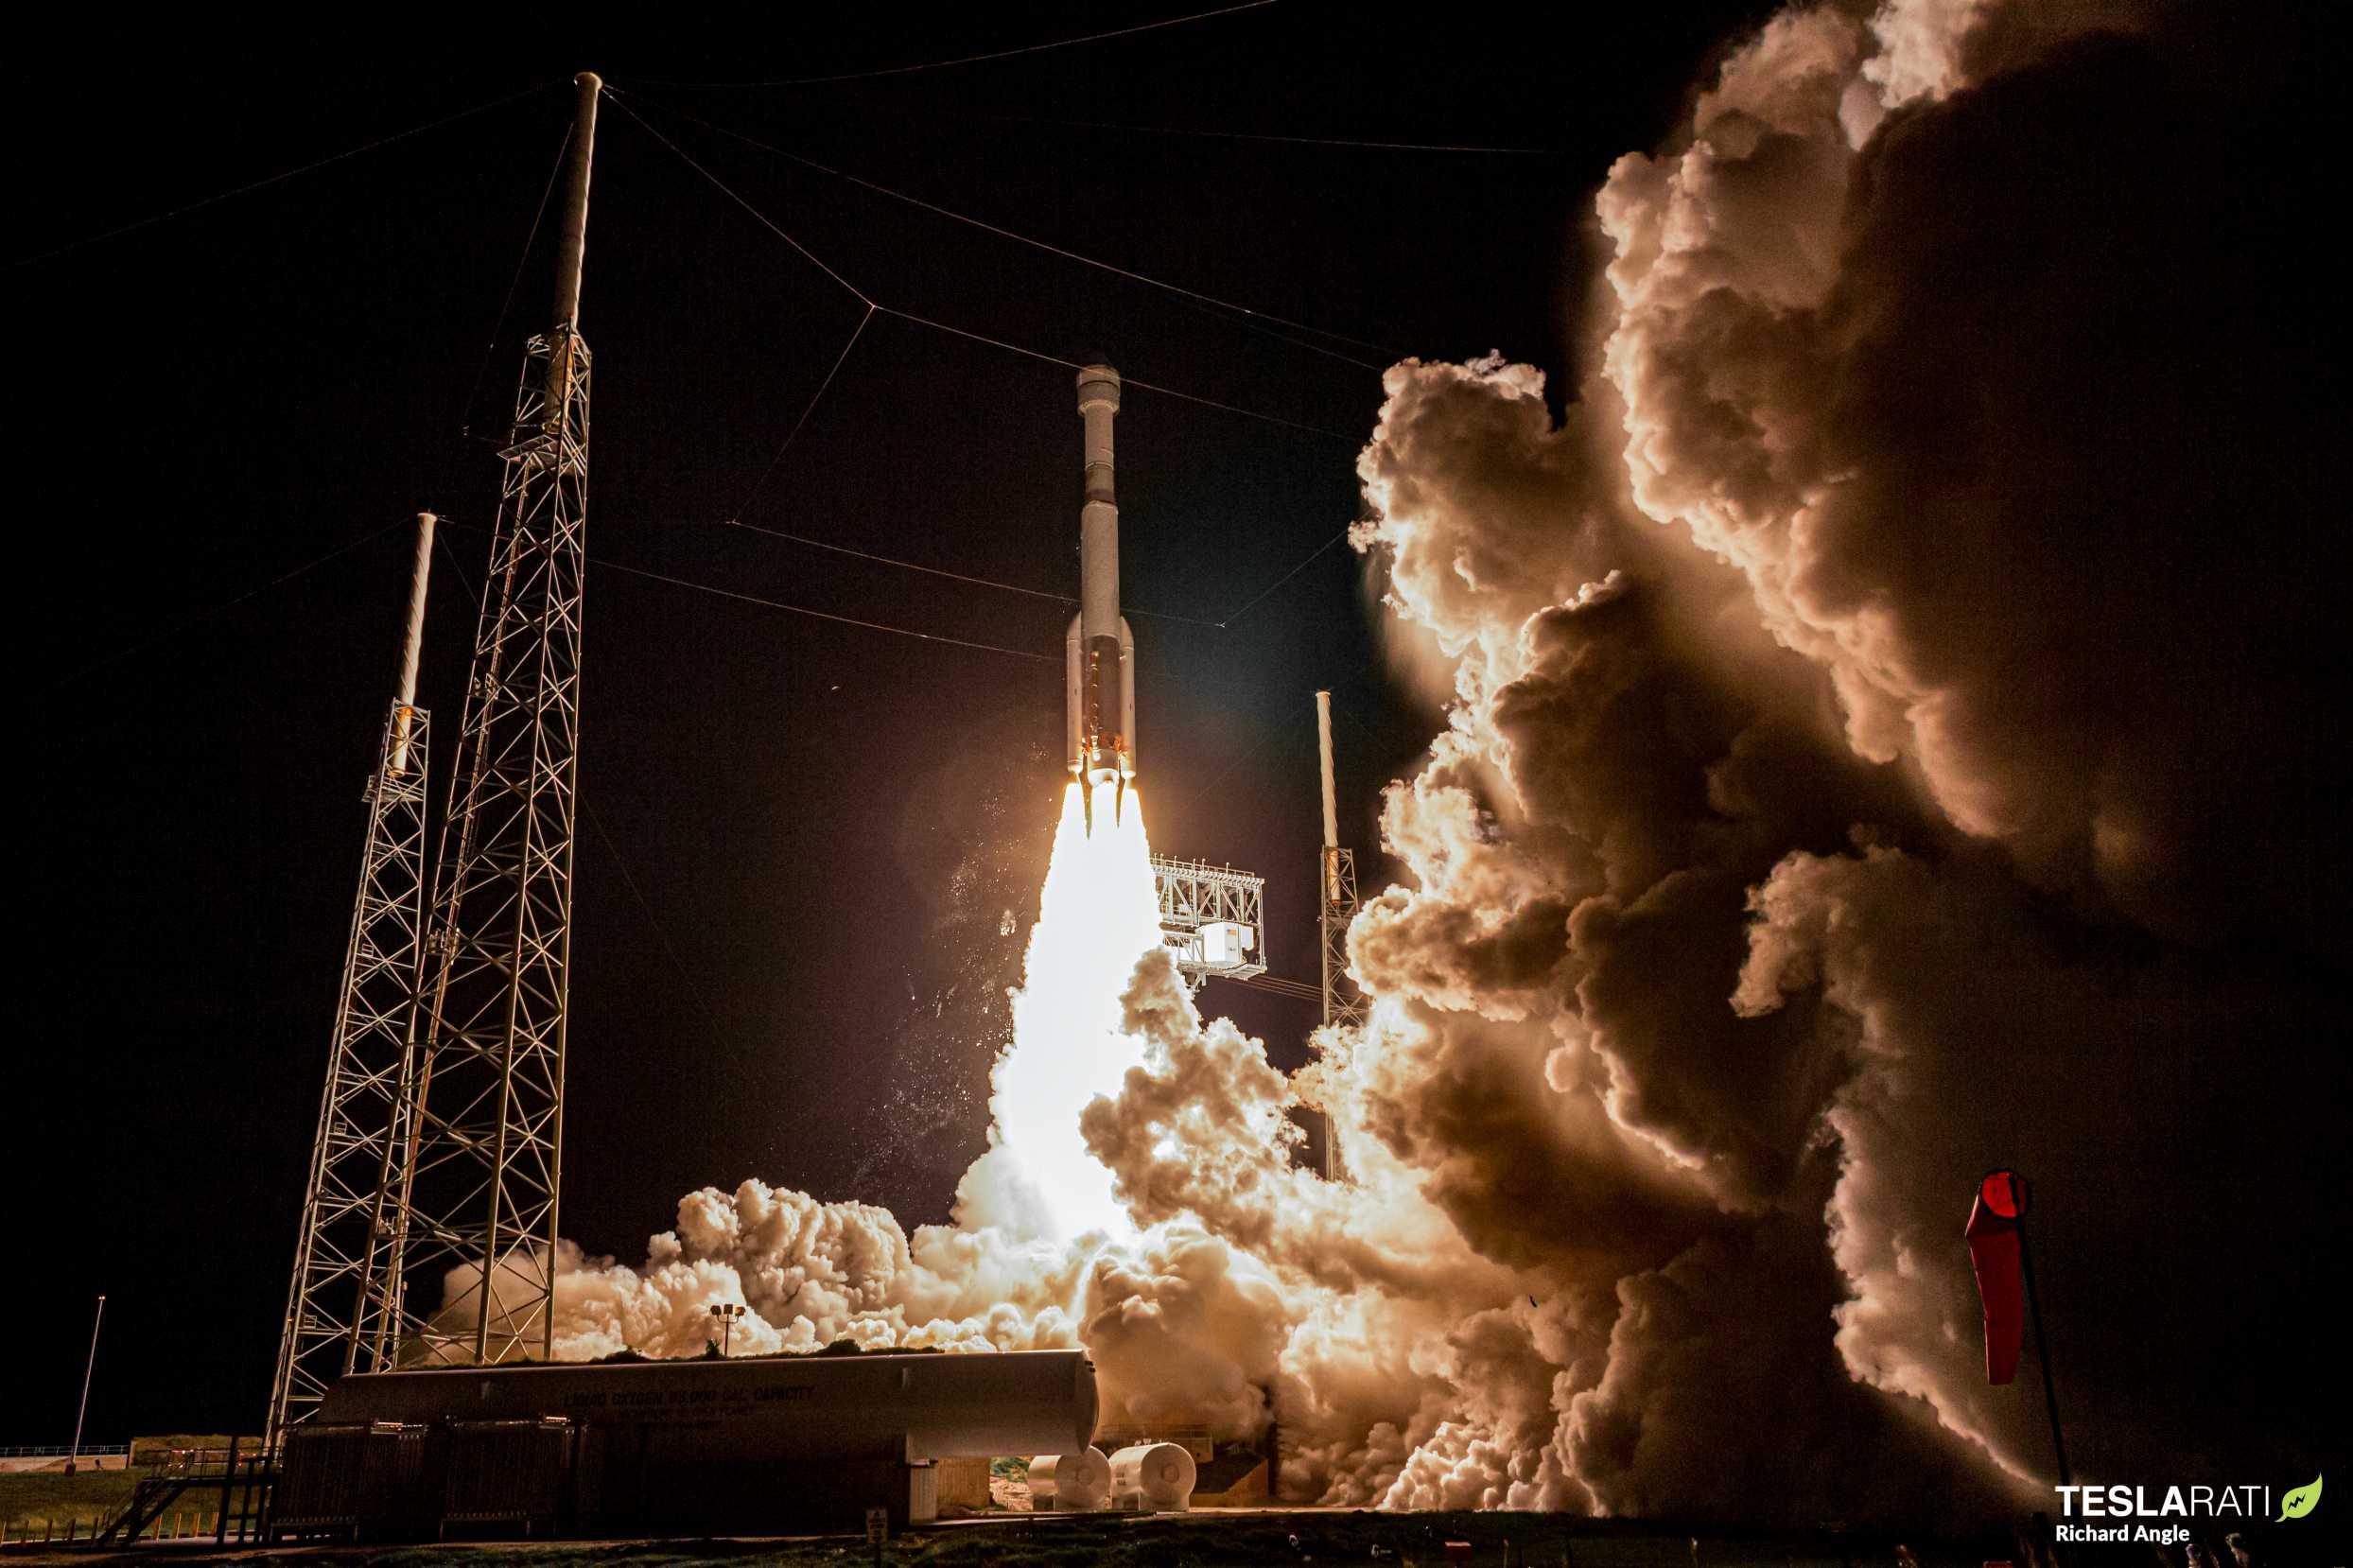 Starliner OFT Atlas V LC-41 122019 (Richard Angle) liftoff 2 (c)